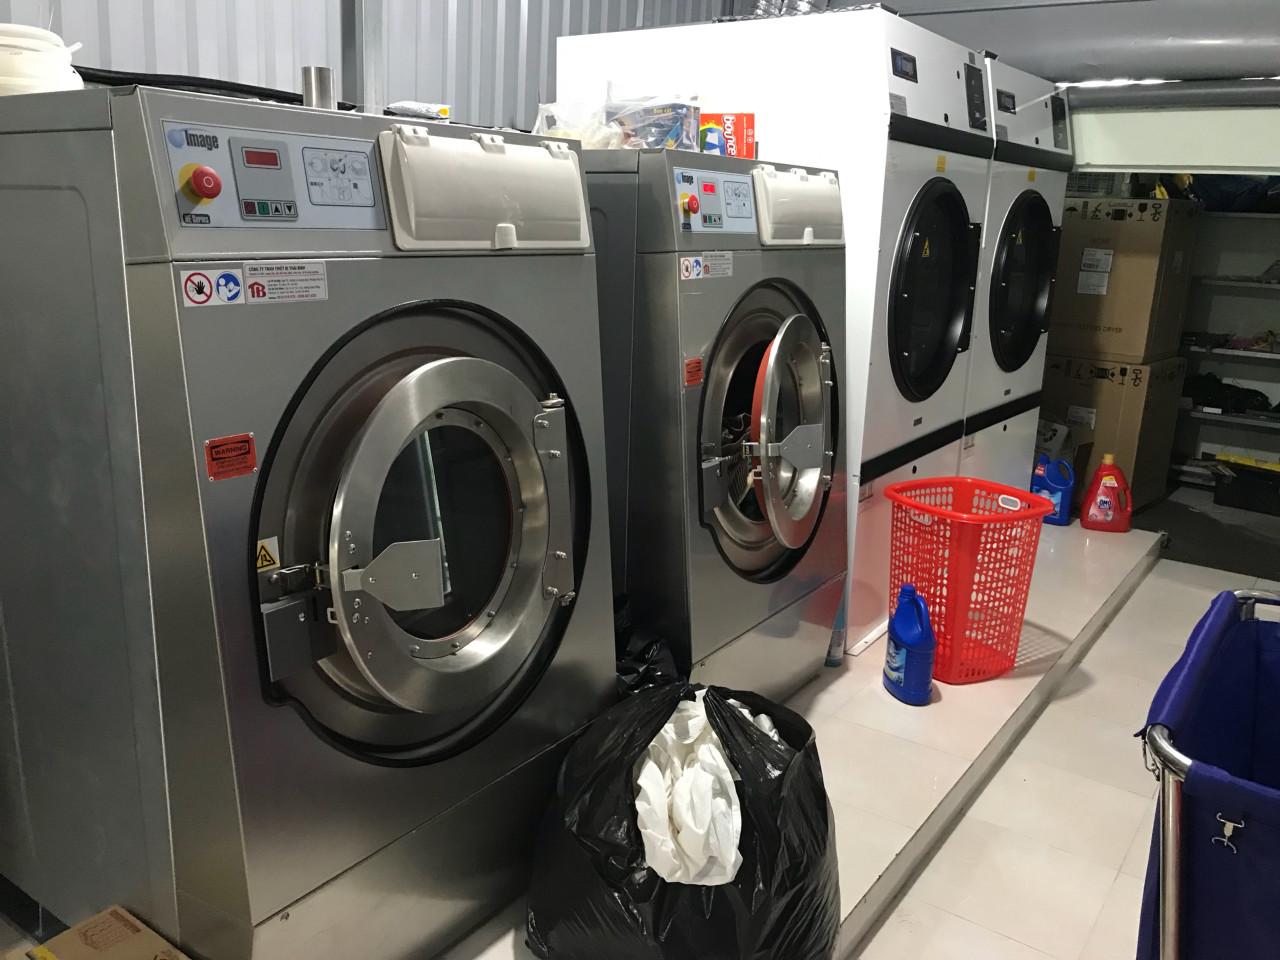 Thiết kế của máy giặt vắt công nghiệp Image HE-60